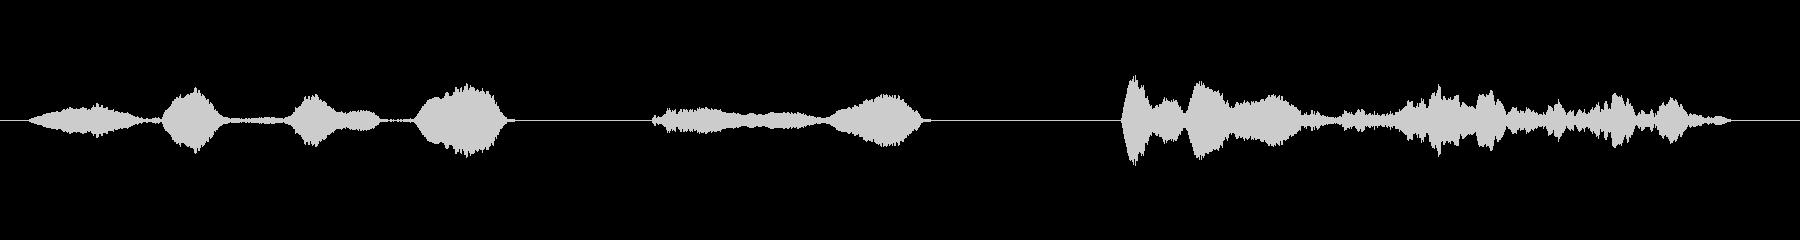 小鳥笛1水笛スライドホイッスル歌舞伎和風の未再生の波形